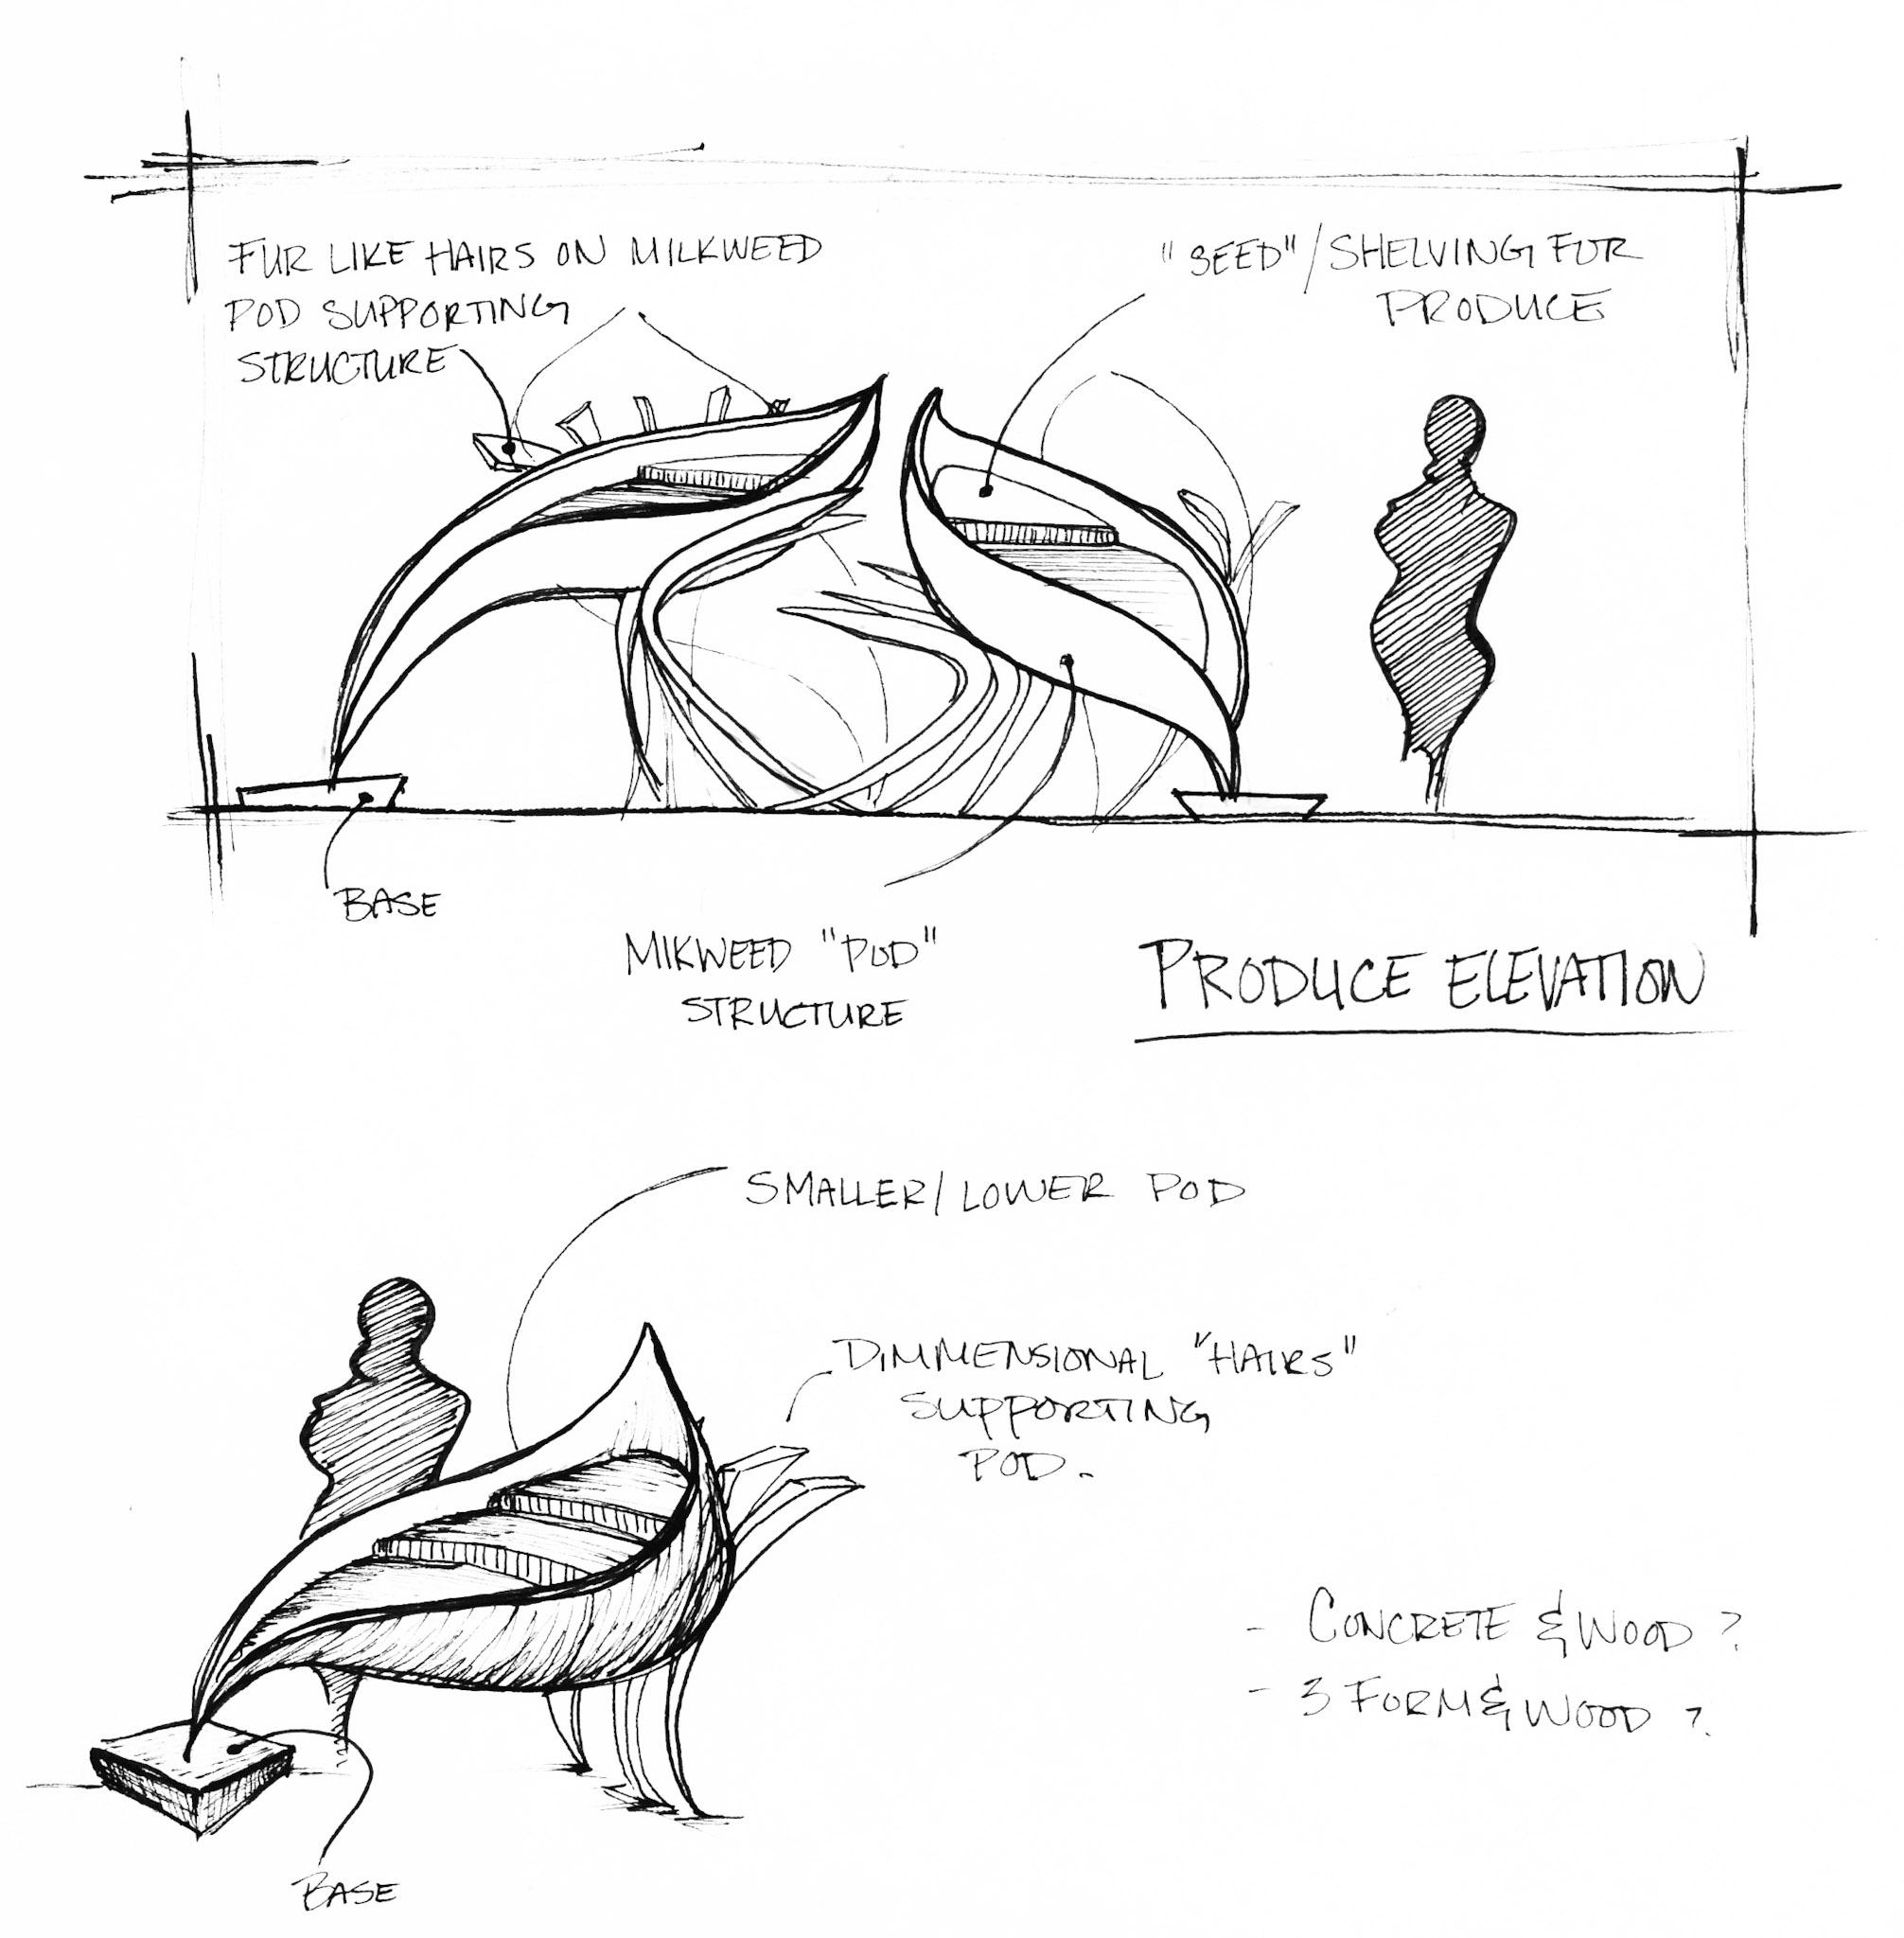 Conceptual design sketch